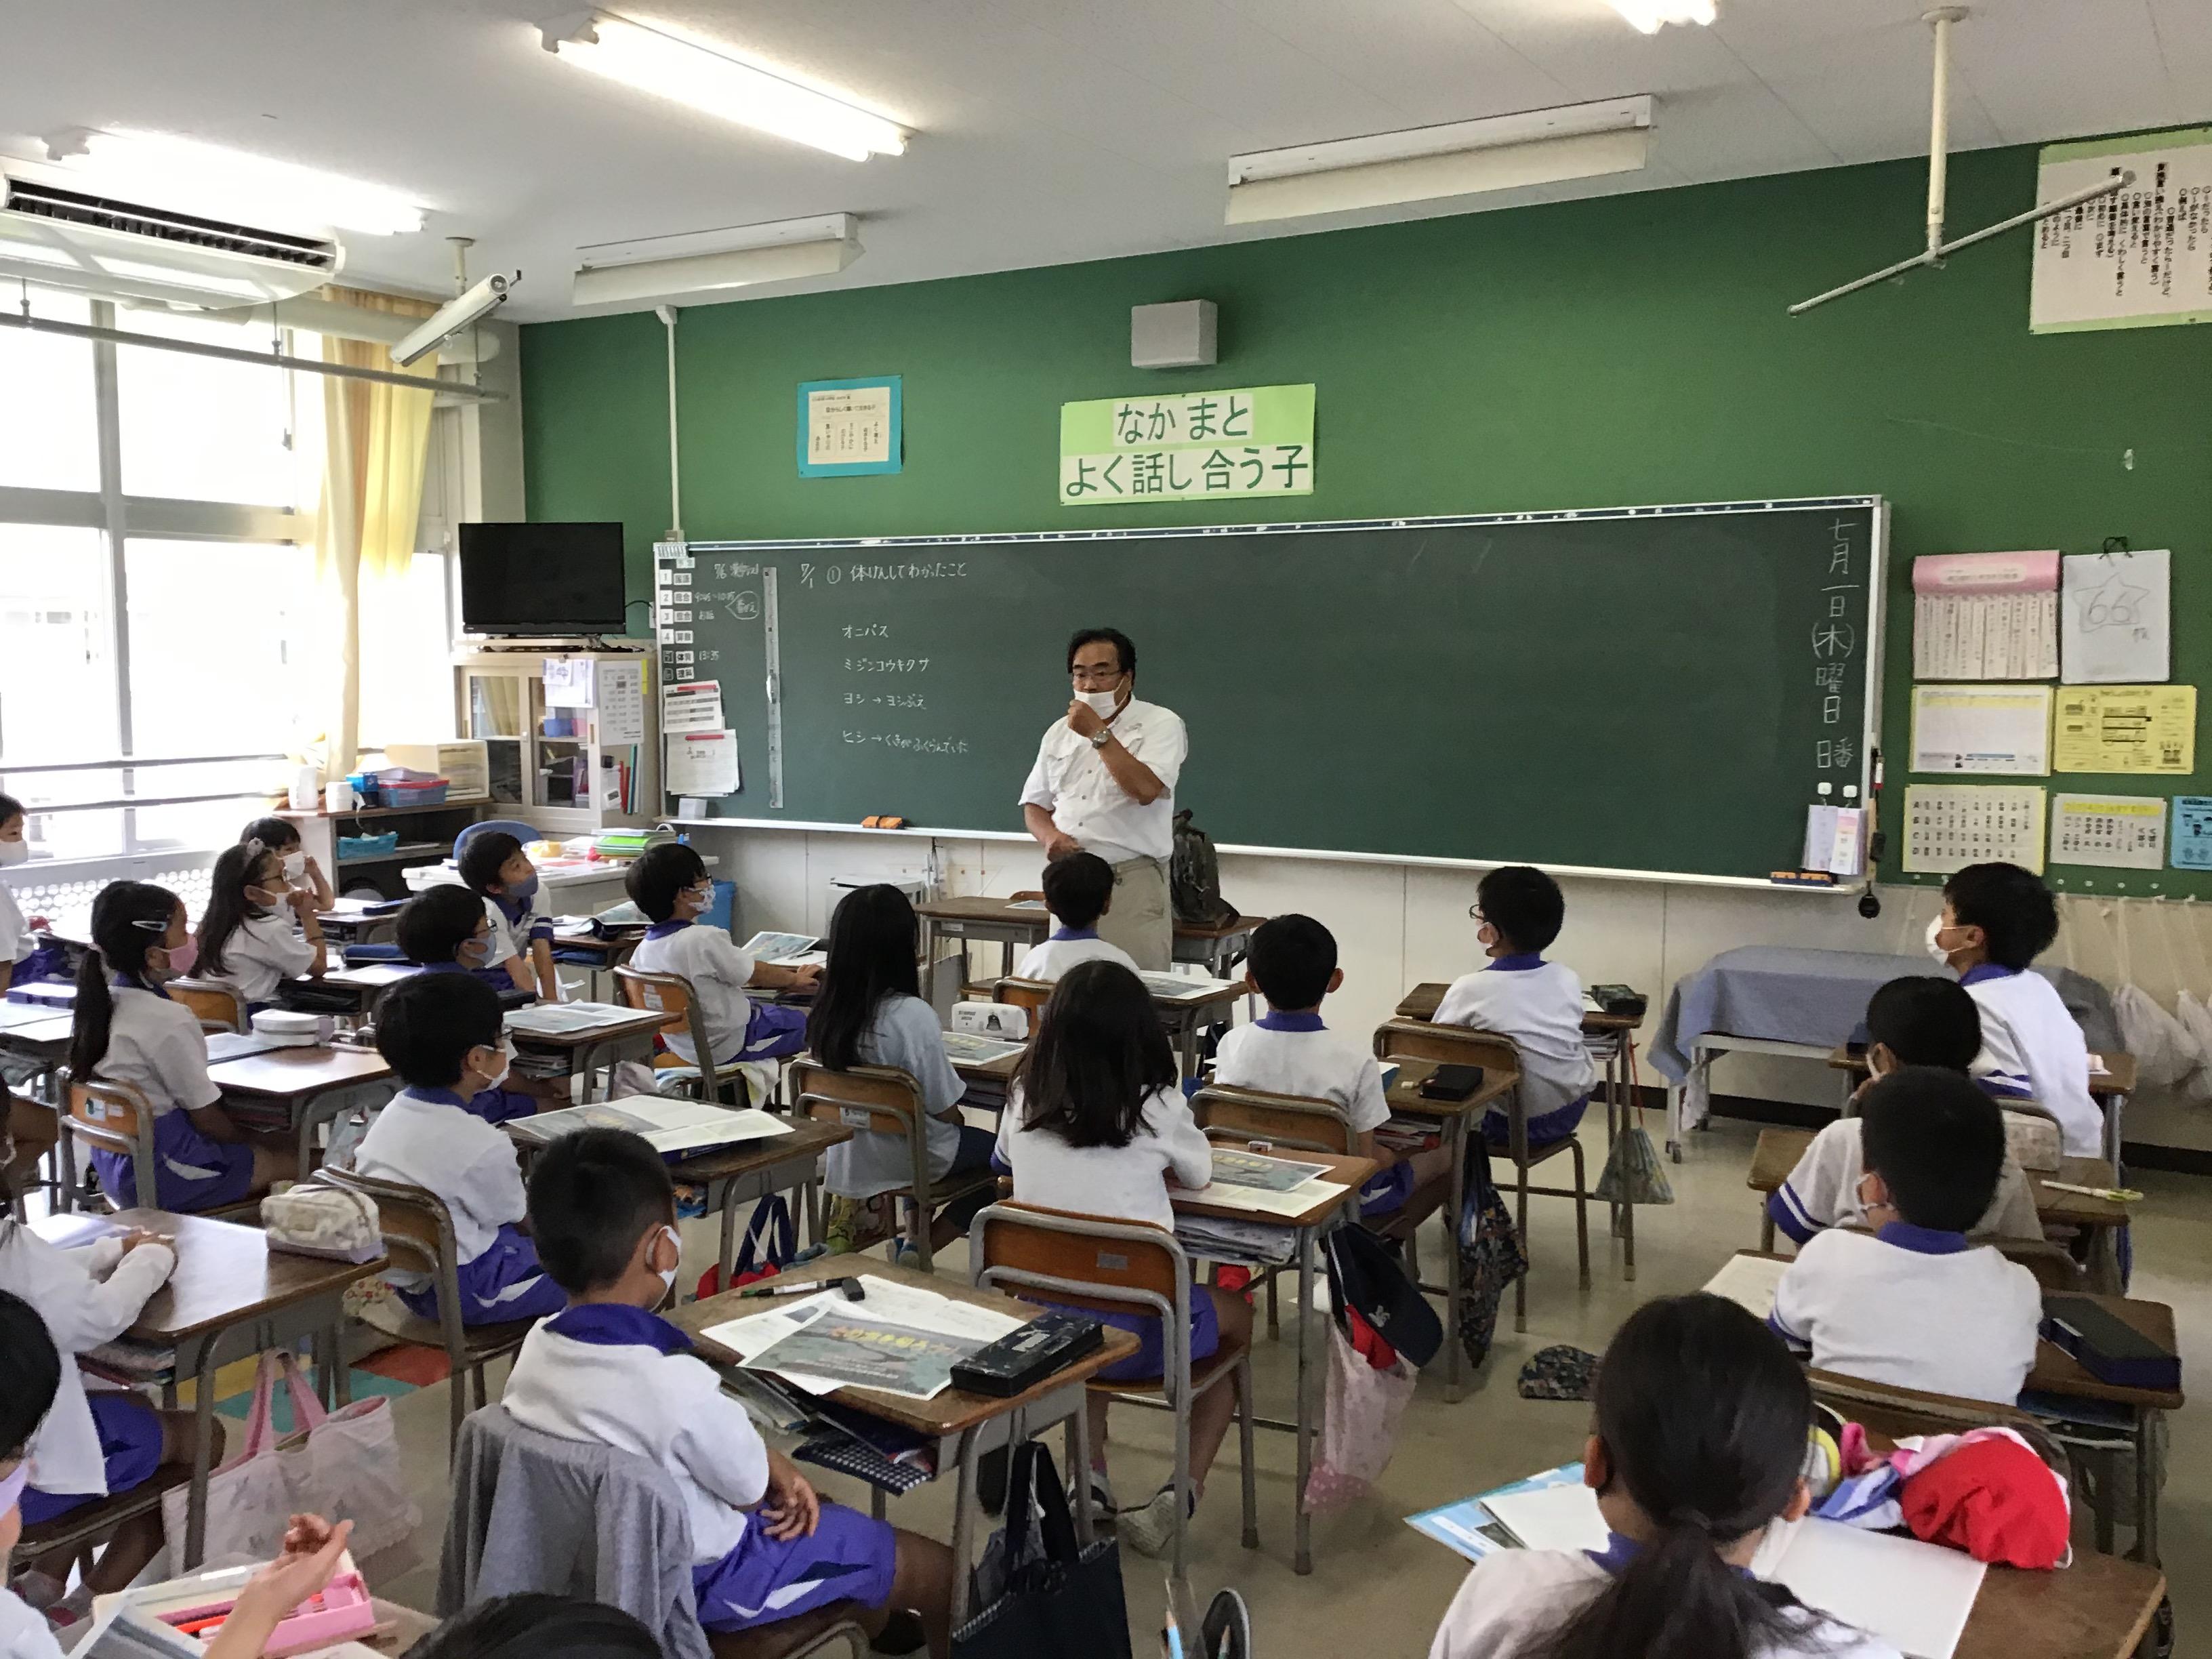 兵庫・水辺ネットワークの碓井先生(各クラスでため池植物の大きさ、小ささの質問に答える。)